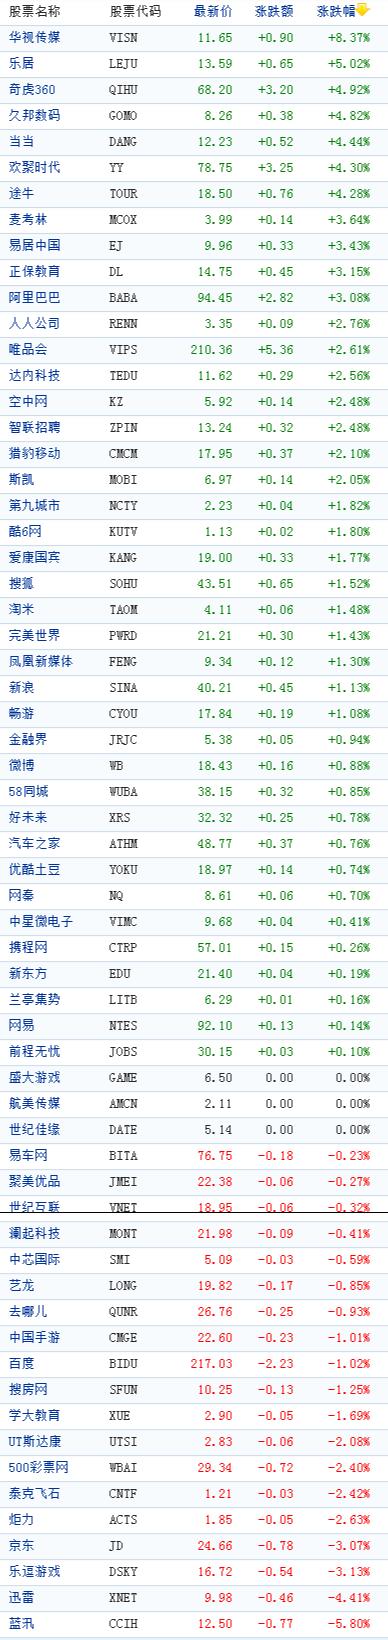 中国概念股周四收盘涨跌互现华视传媒涨8%